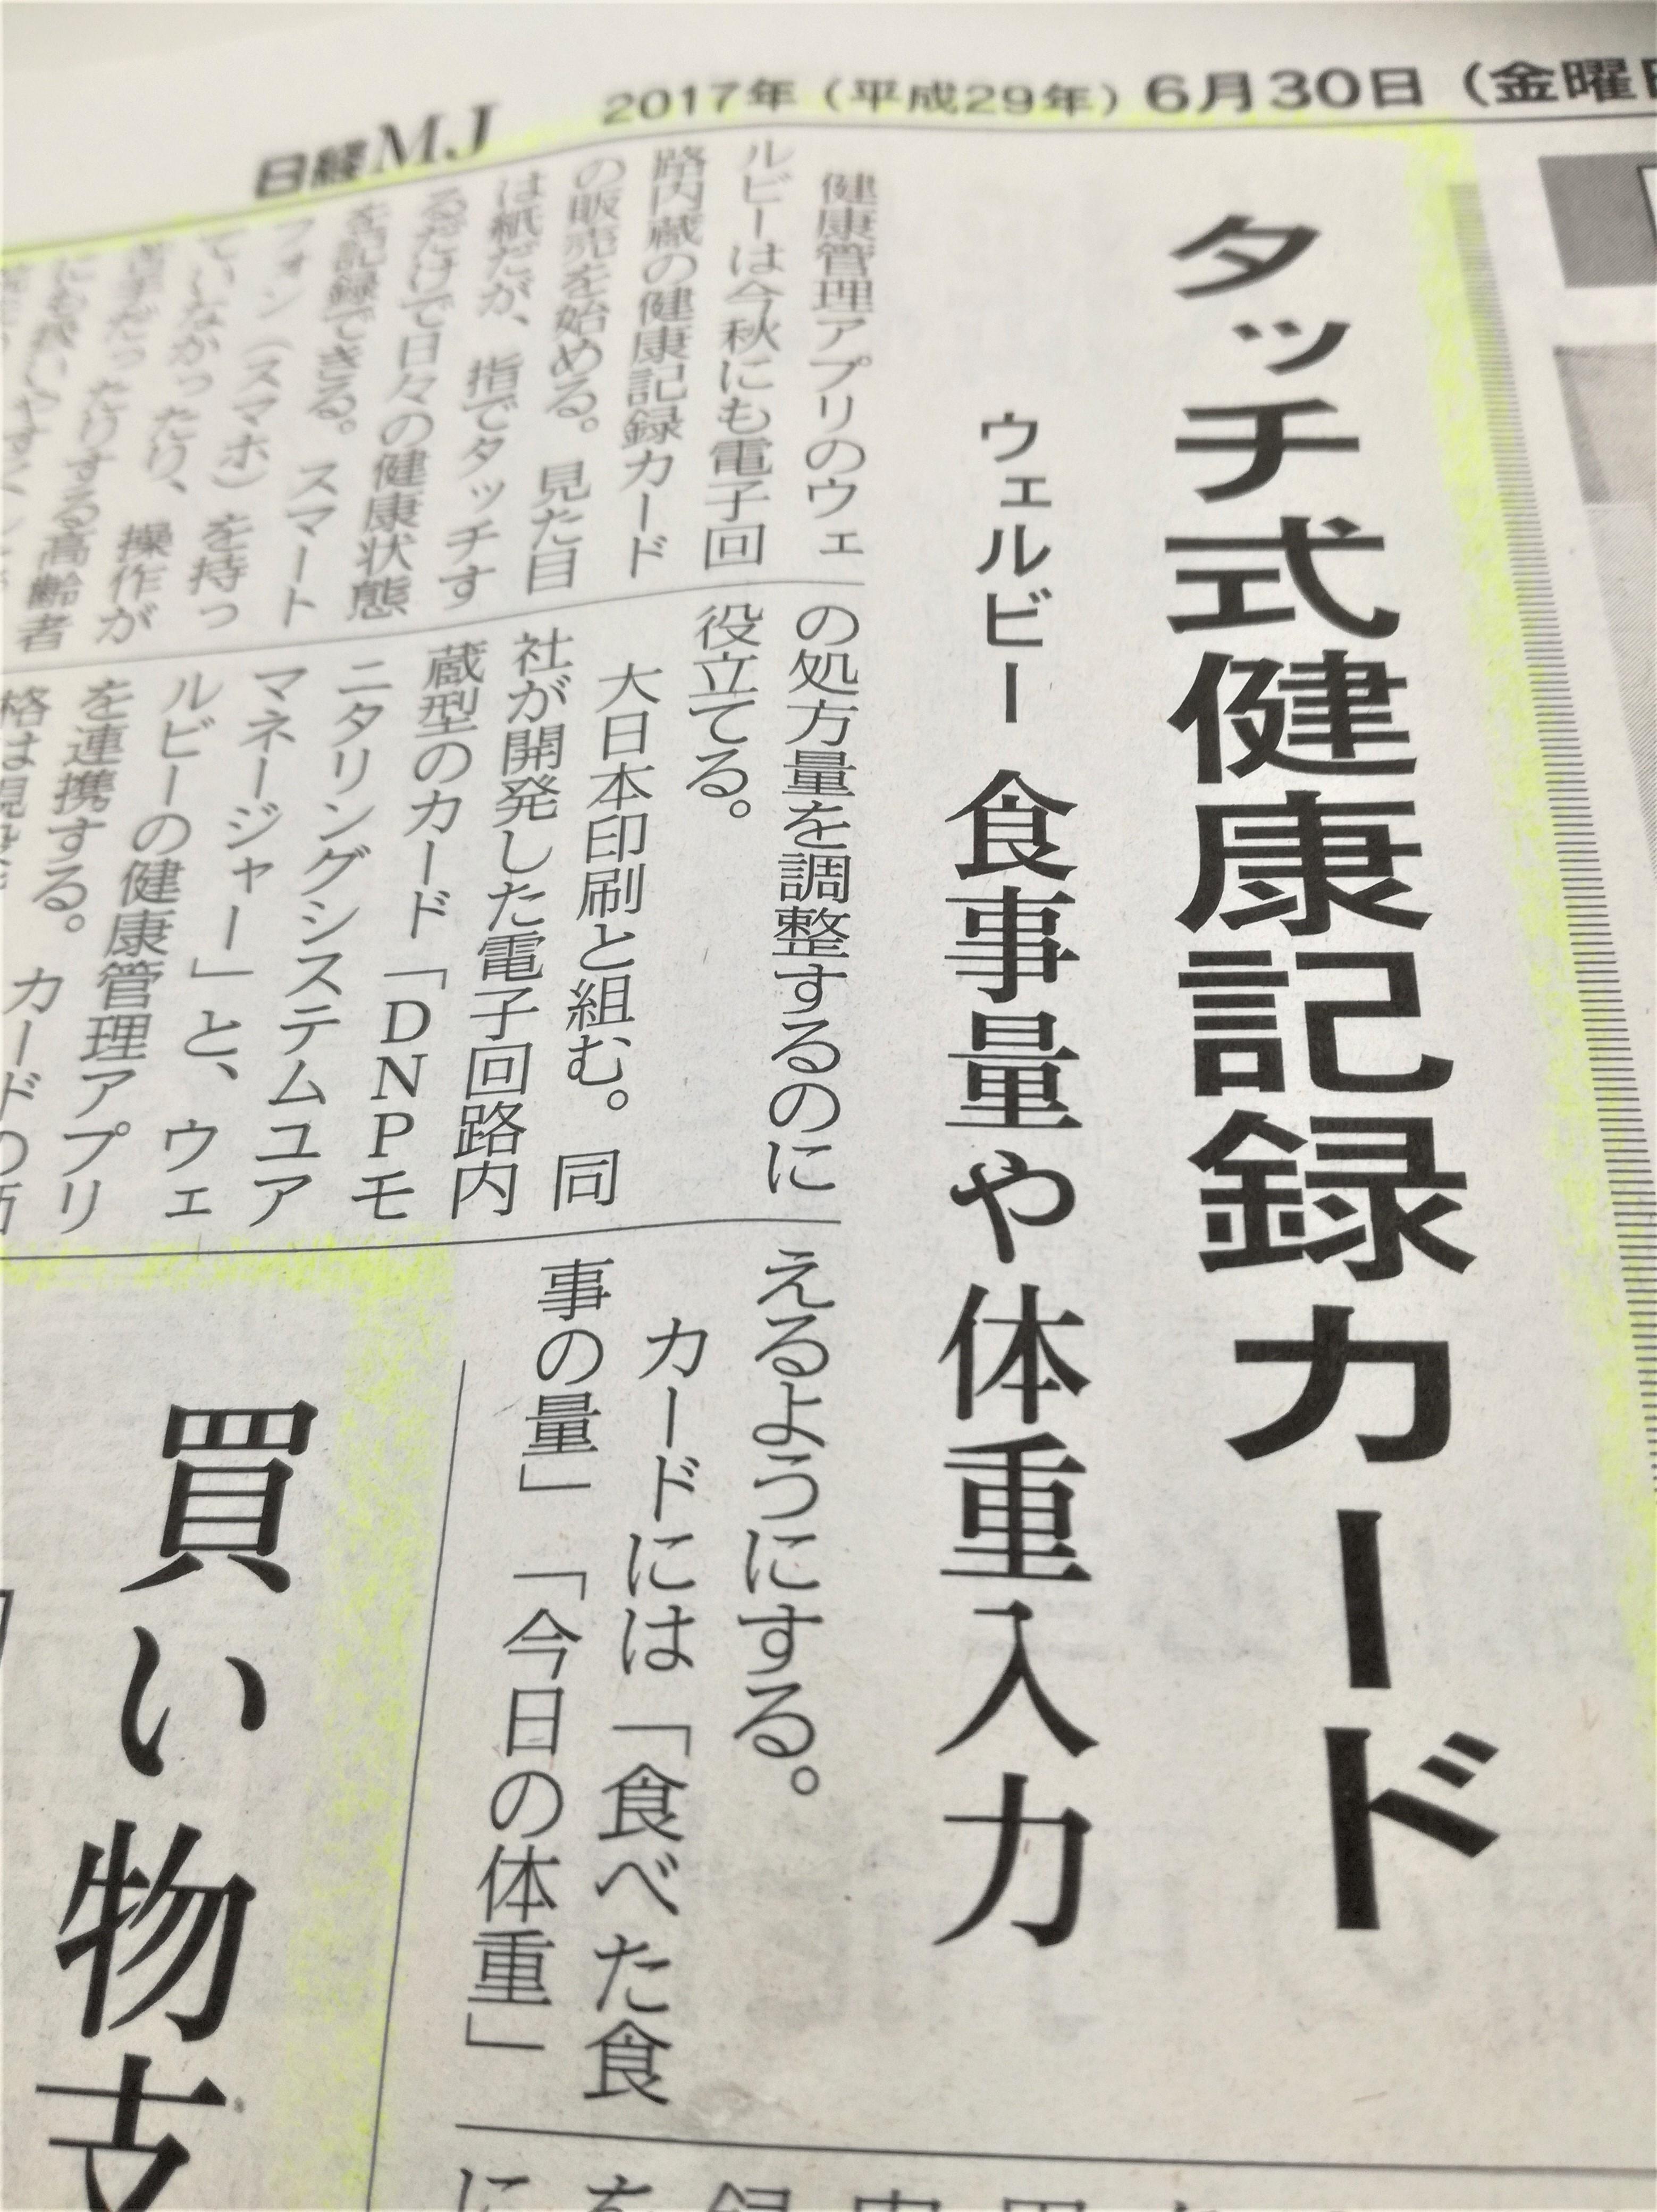 日経MJに、大日本印刷と当社の取り組みが紹介されました。